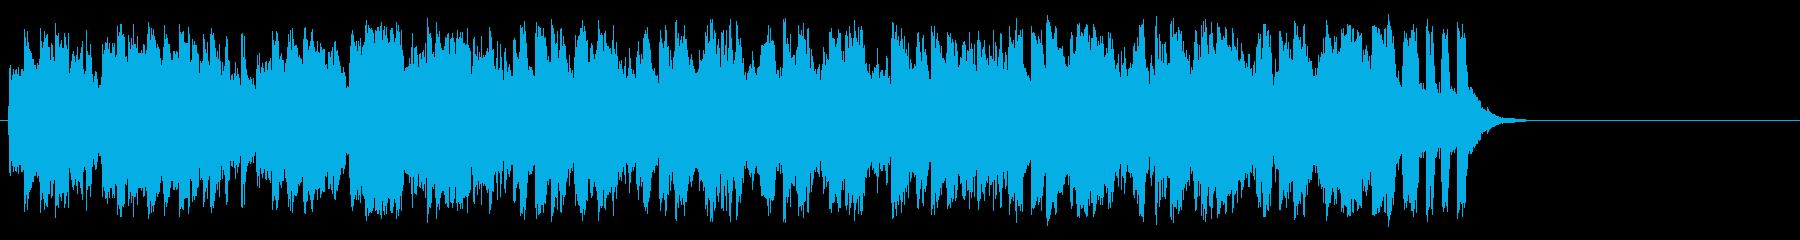 明るく爽やかなポップス(イントロ~サビ)の再生済みの波形